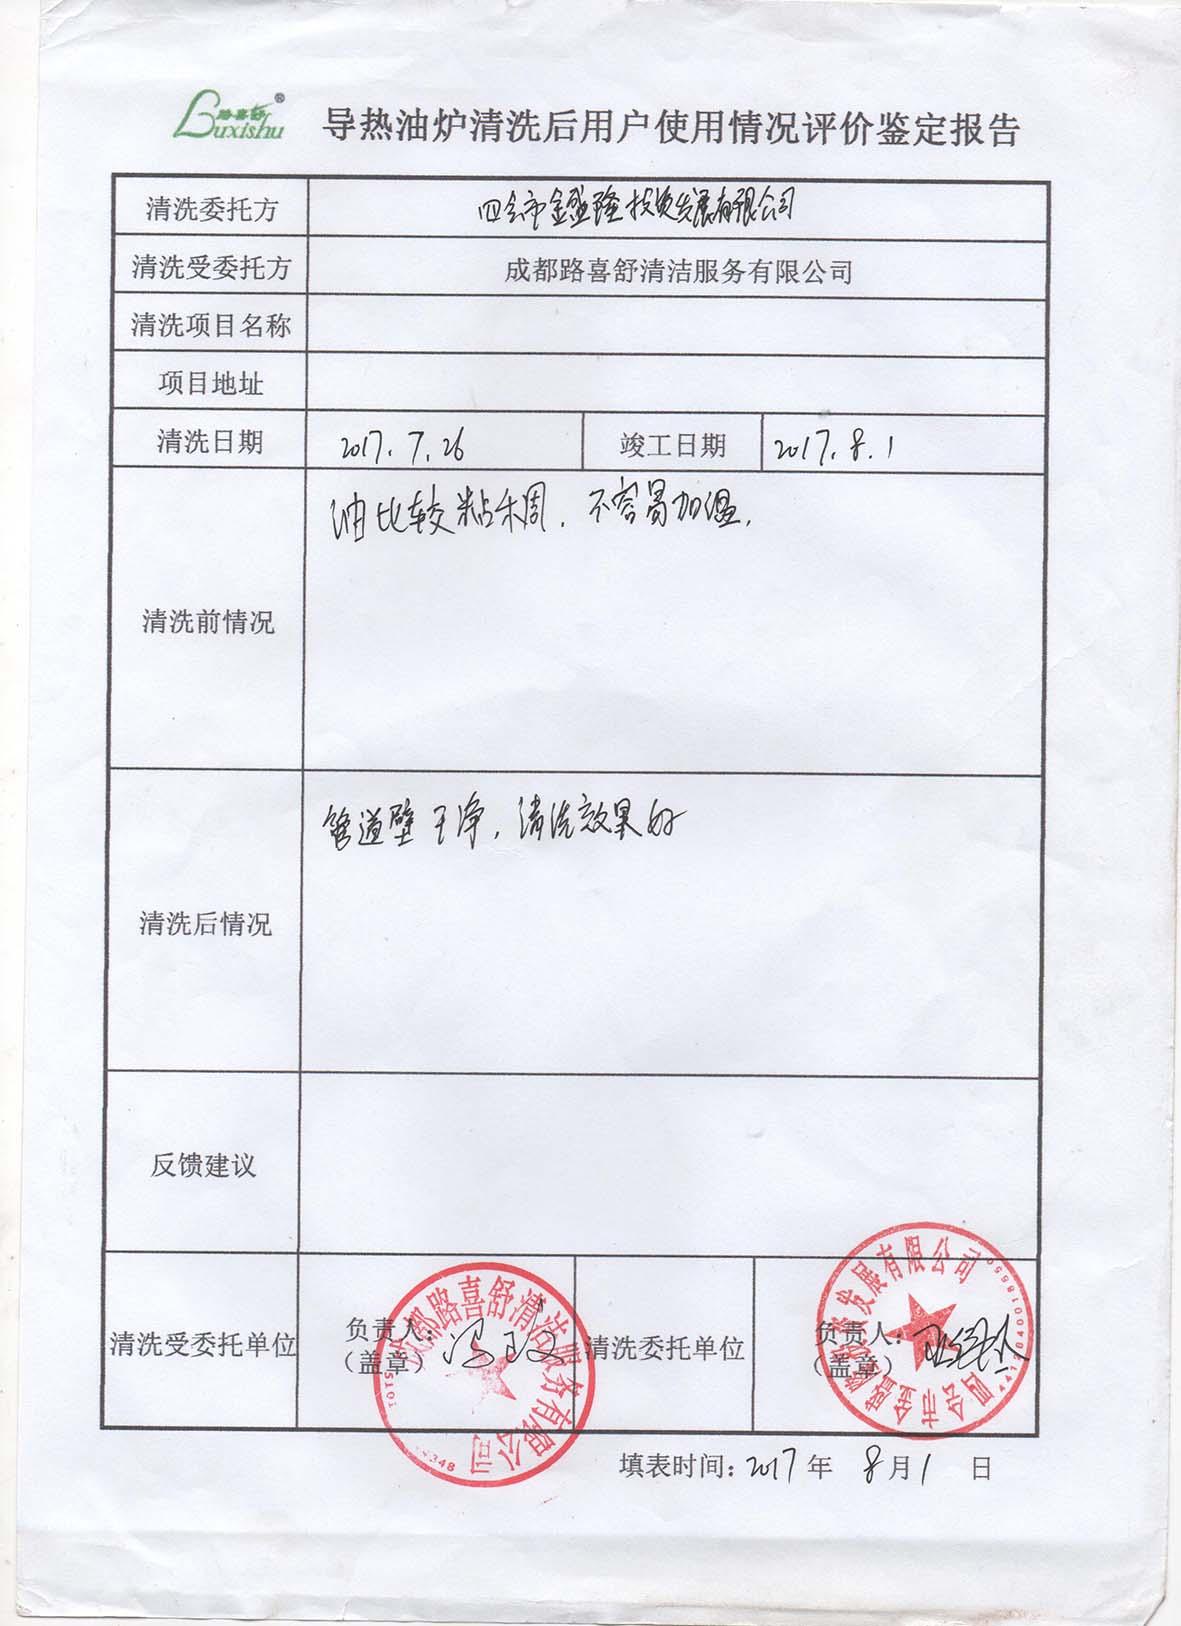 广东金盛隆投资发展有限公司导热油炉清洗